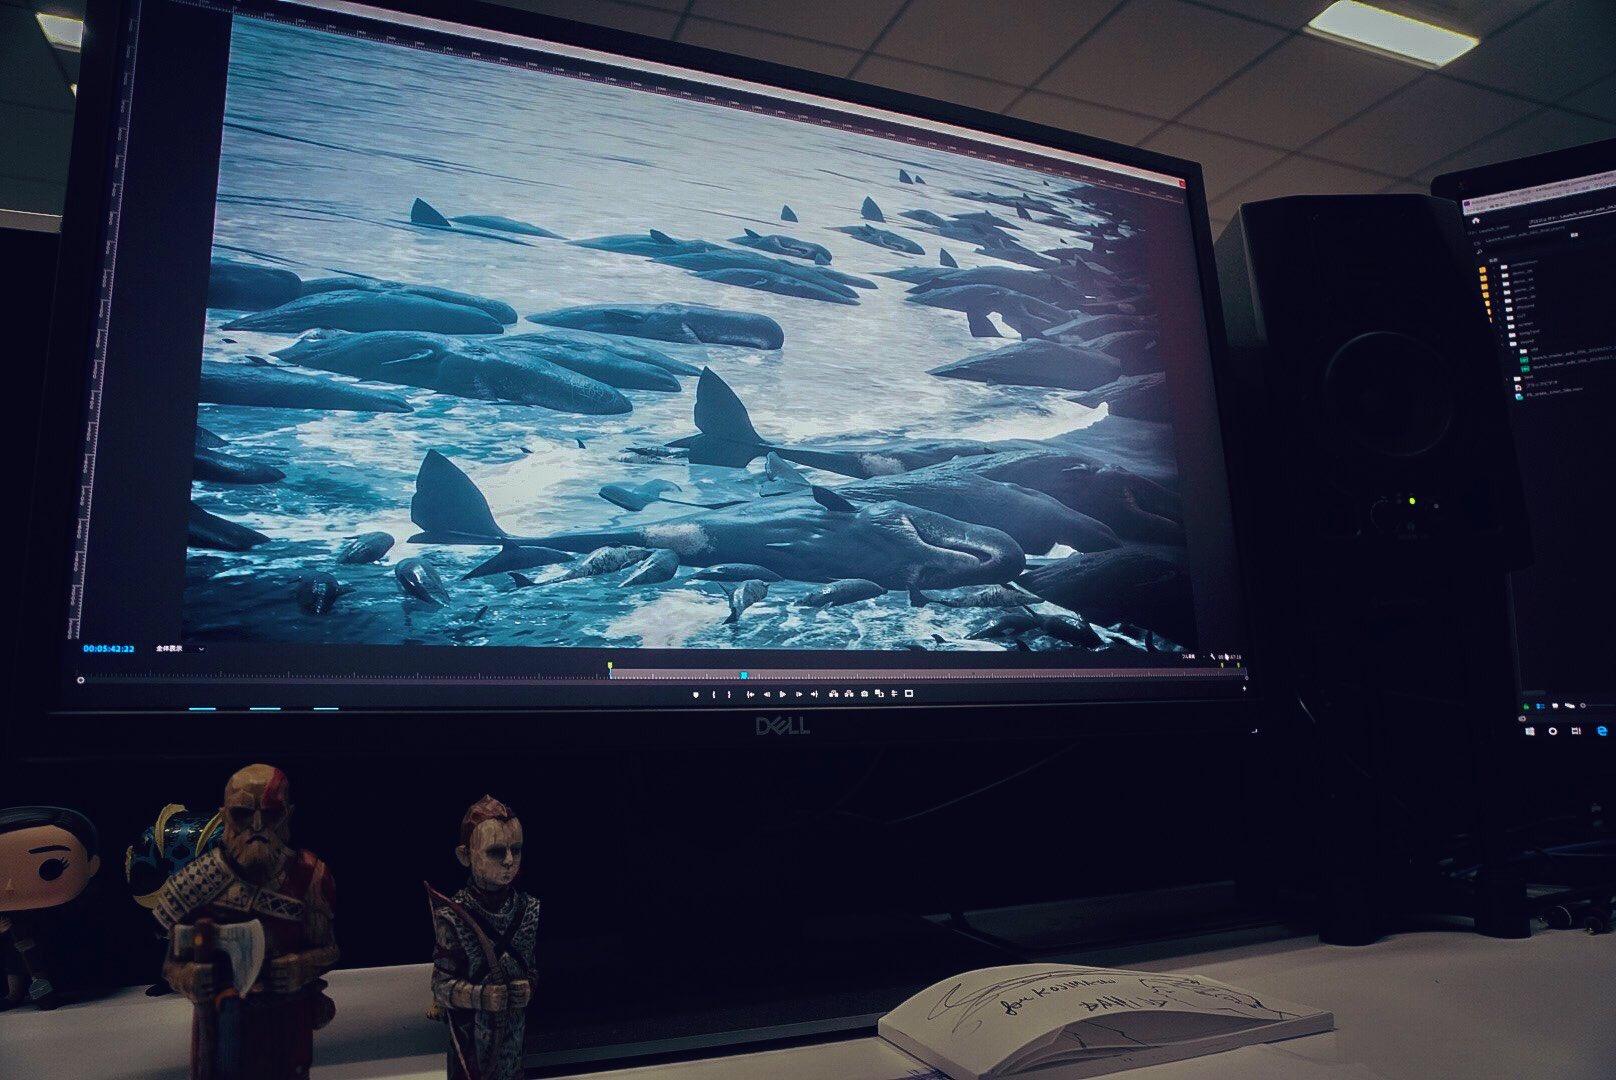 小岛秀夫发布《死亡搁浅》发售预告截图 又挑逗玩家